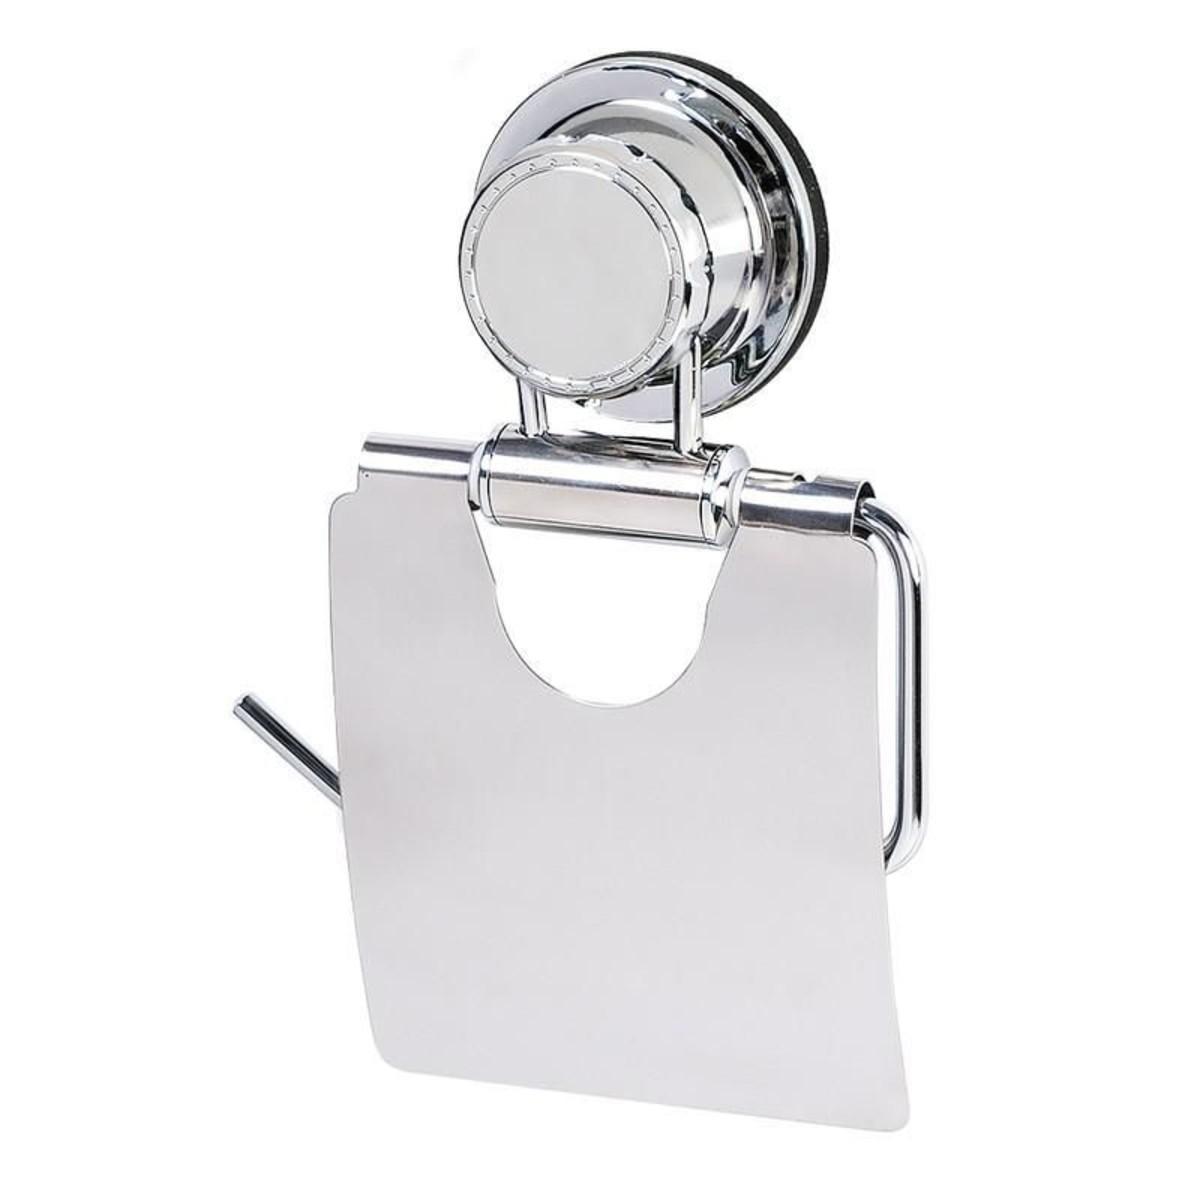 Держатель для туалетной бумаги Tatkraft «Vacuum Screw» с крышкой цвет хром